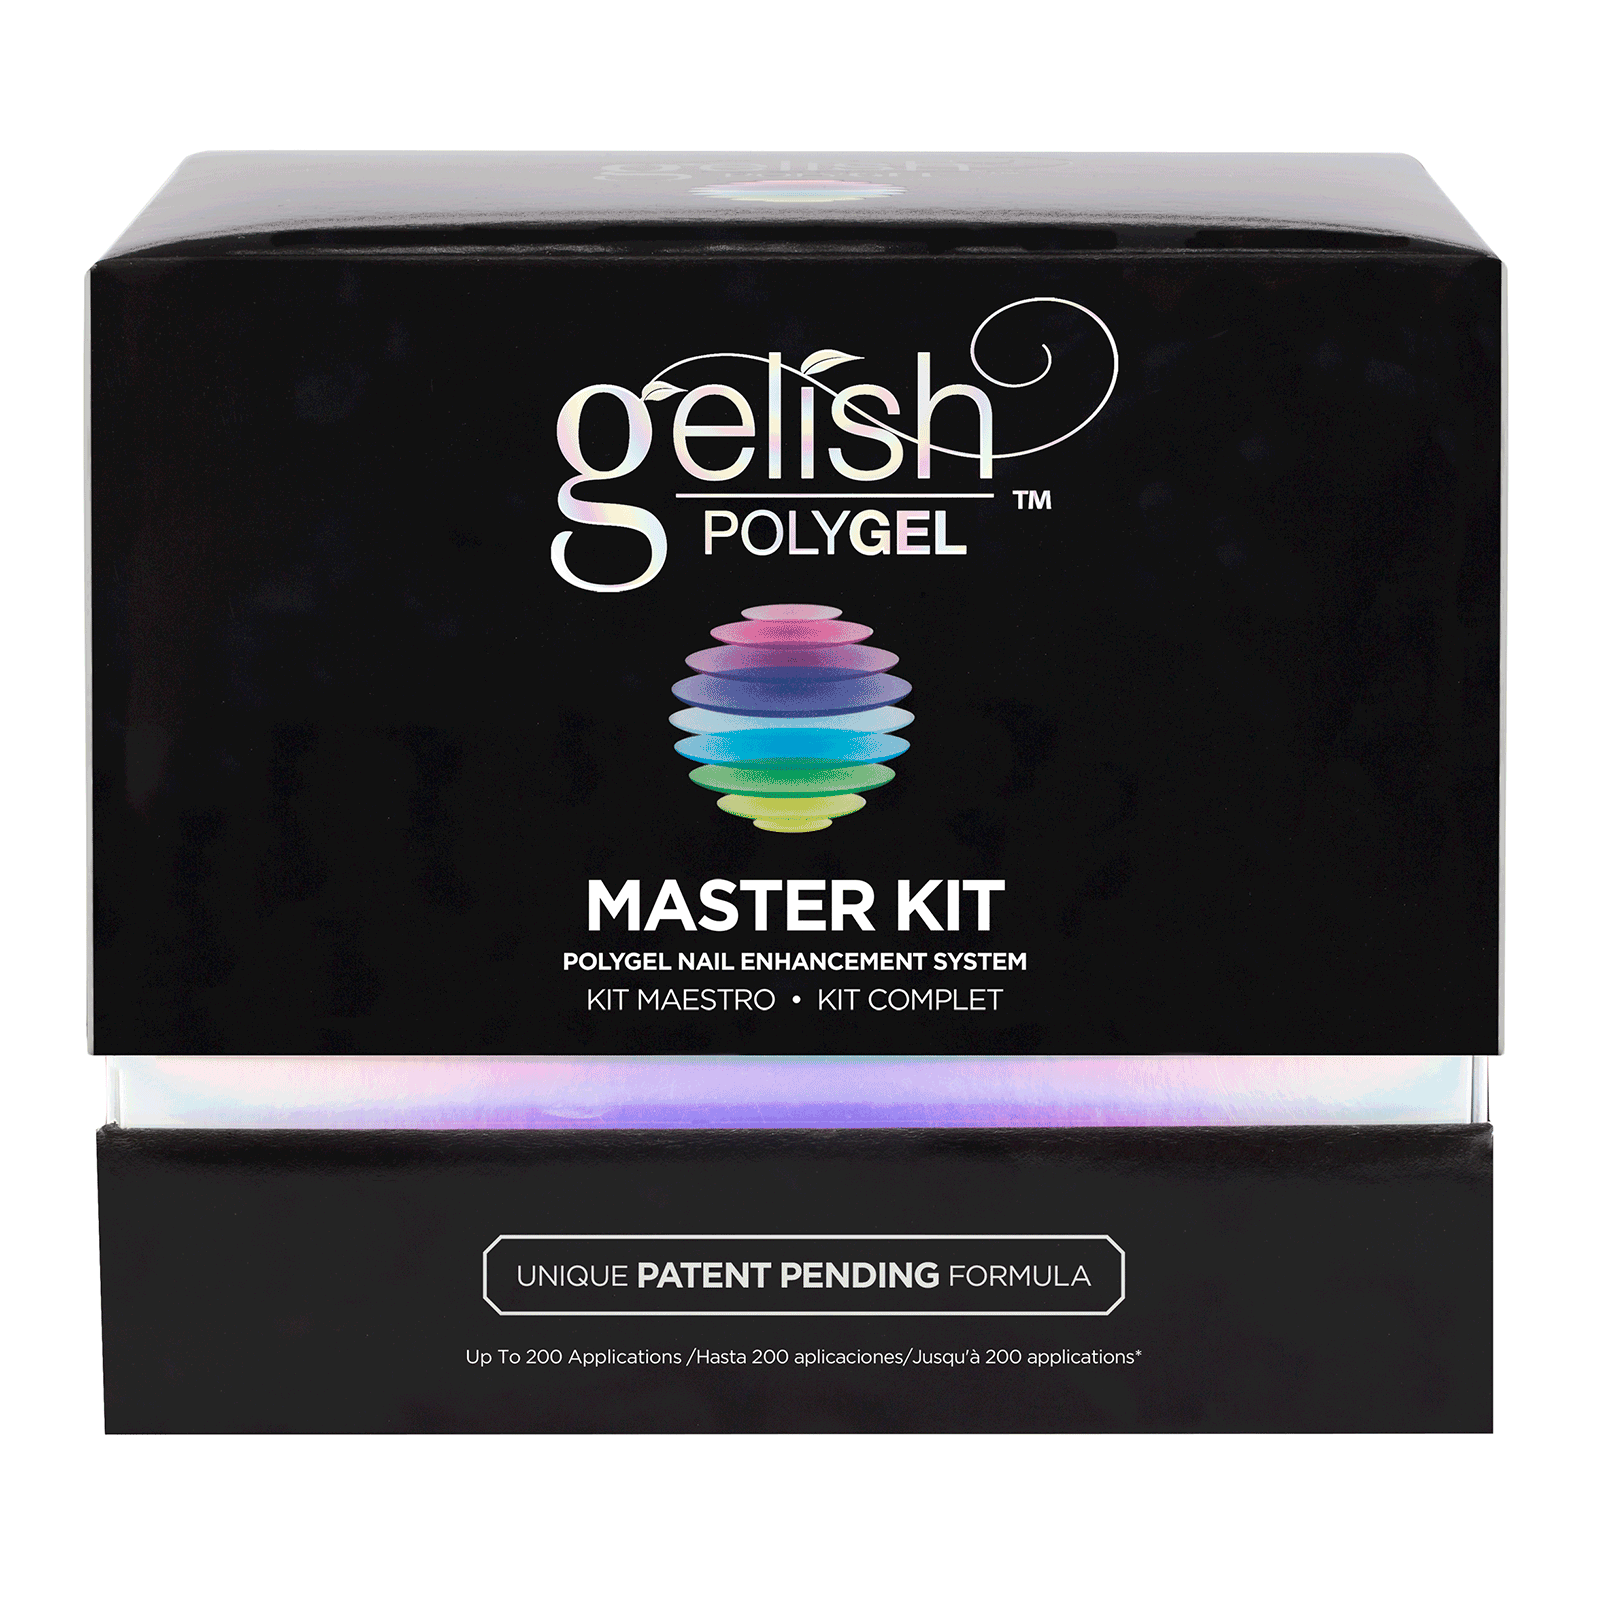 PolyGel Master Kit - Gelish   CosmoProf